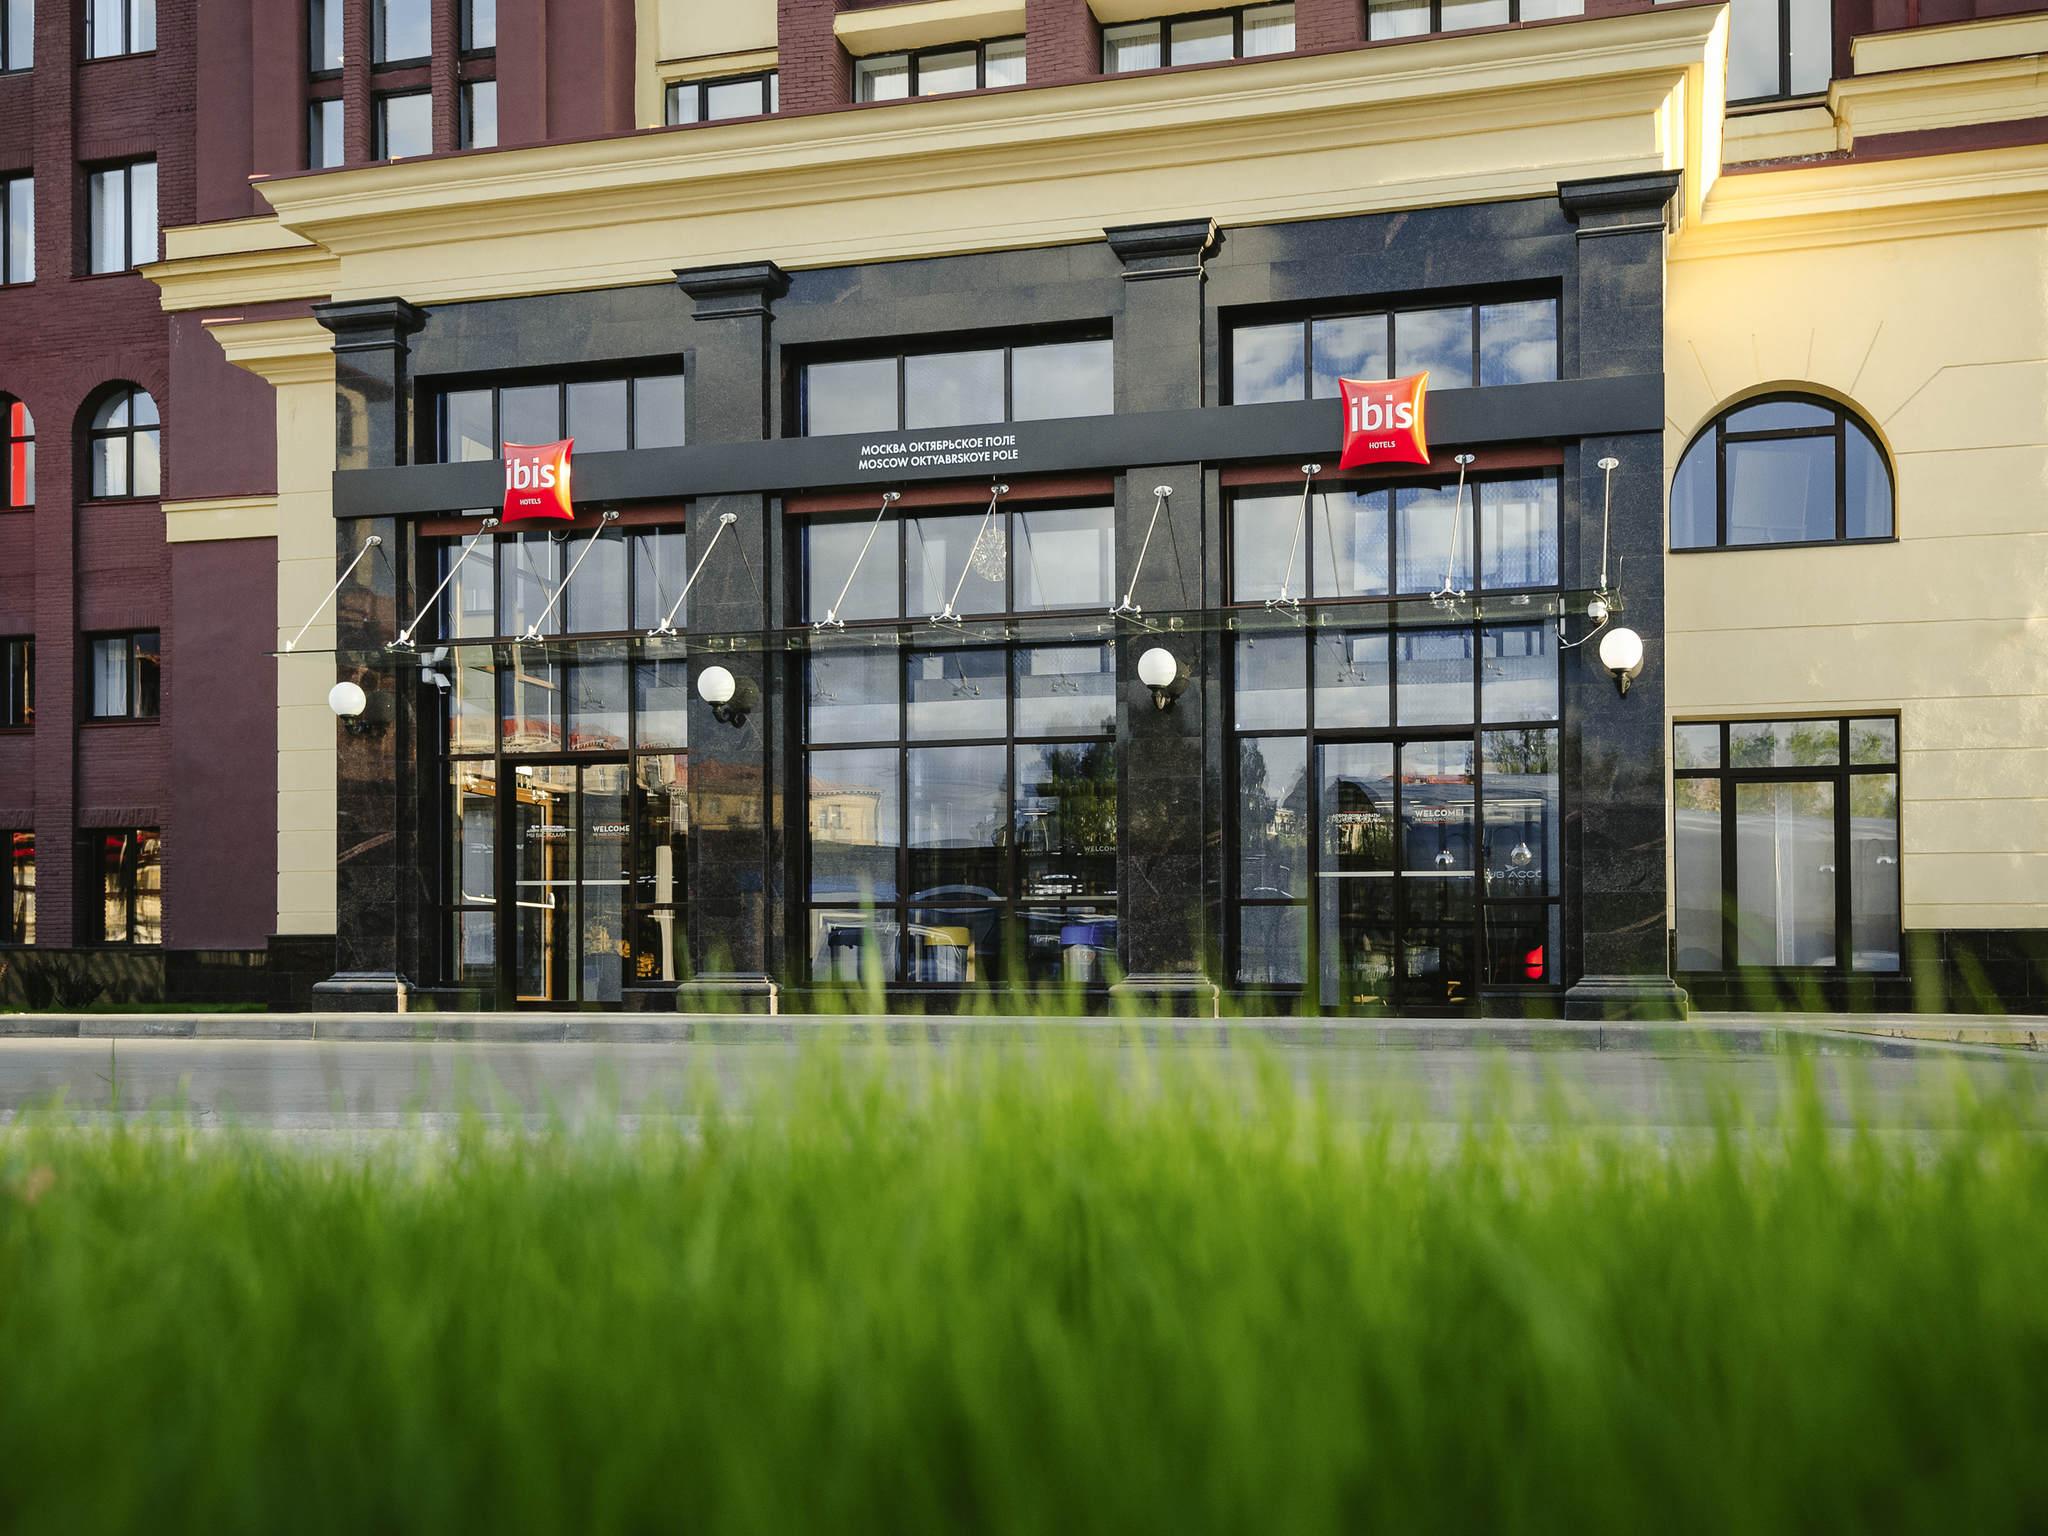 Hotel – Ibis Moscow Oktyabrskoye Pole